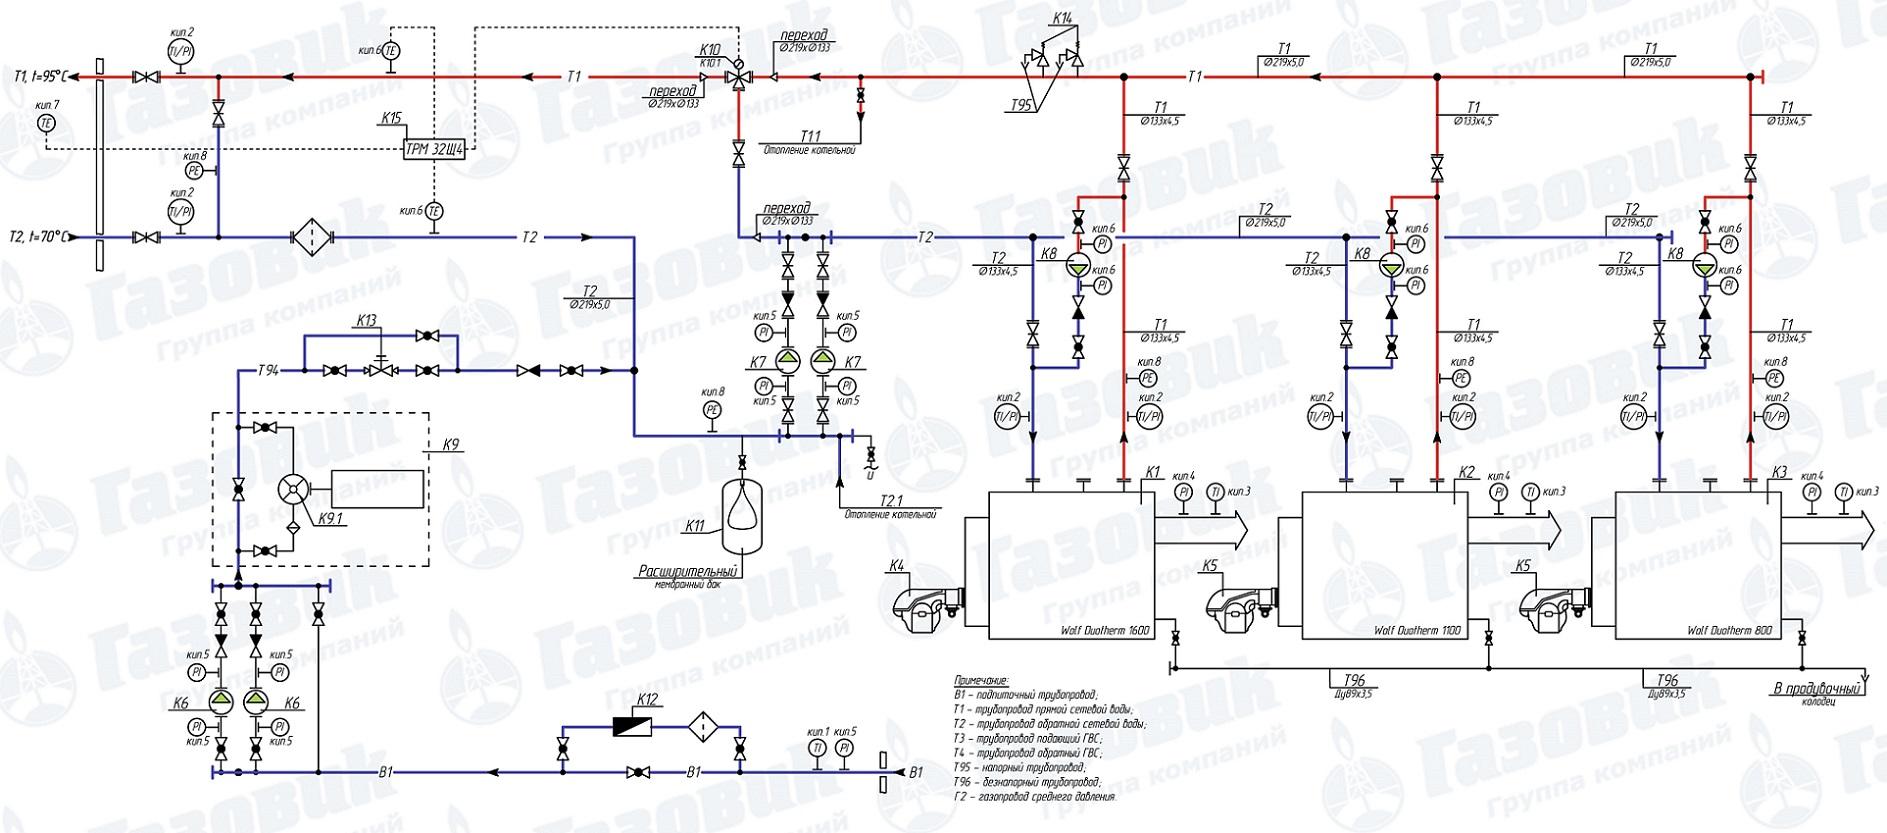 Электрическая схема котельной с водогрейными котлами